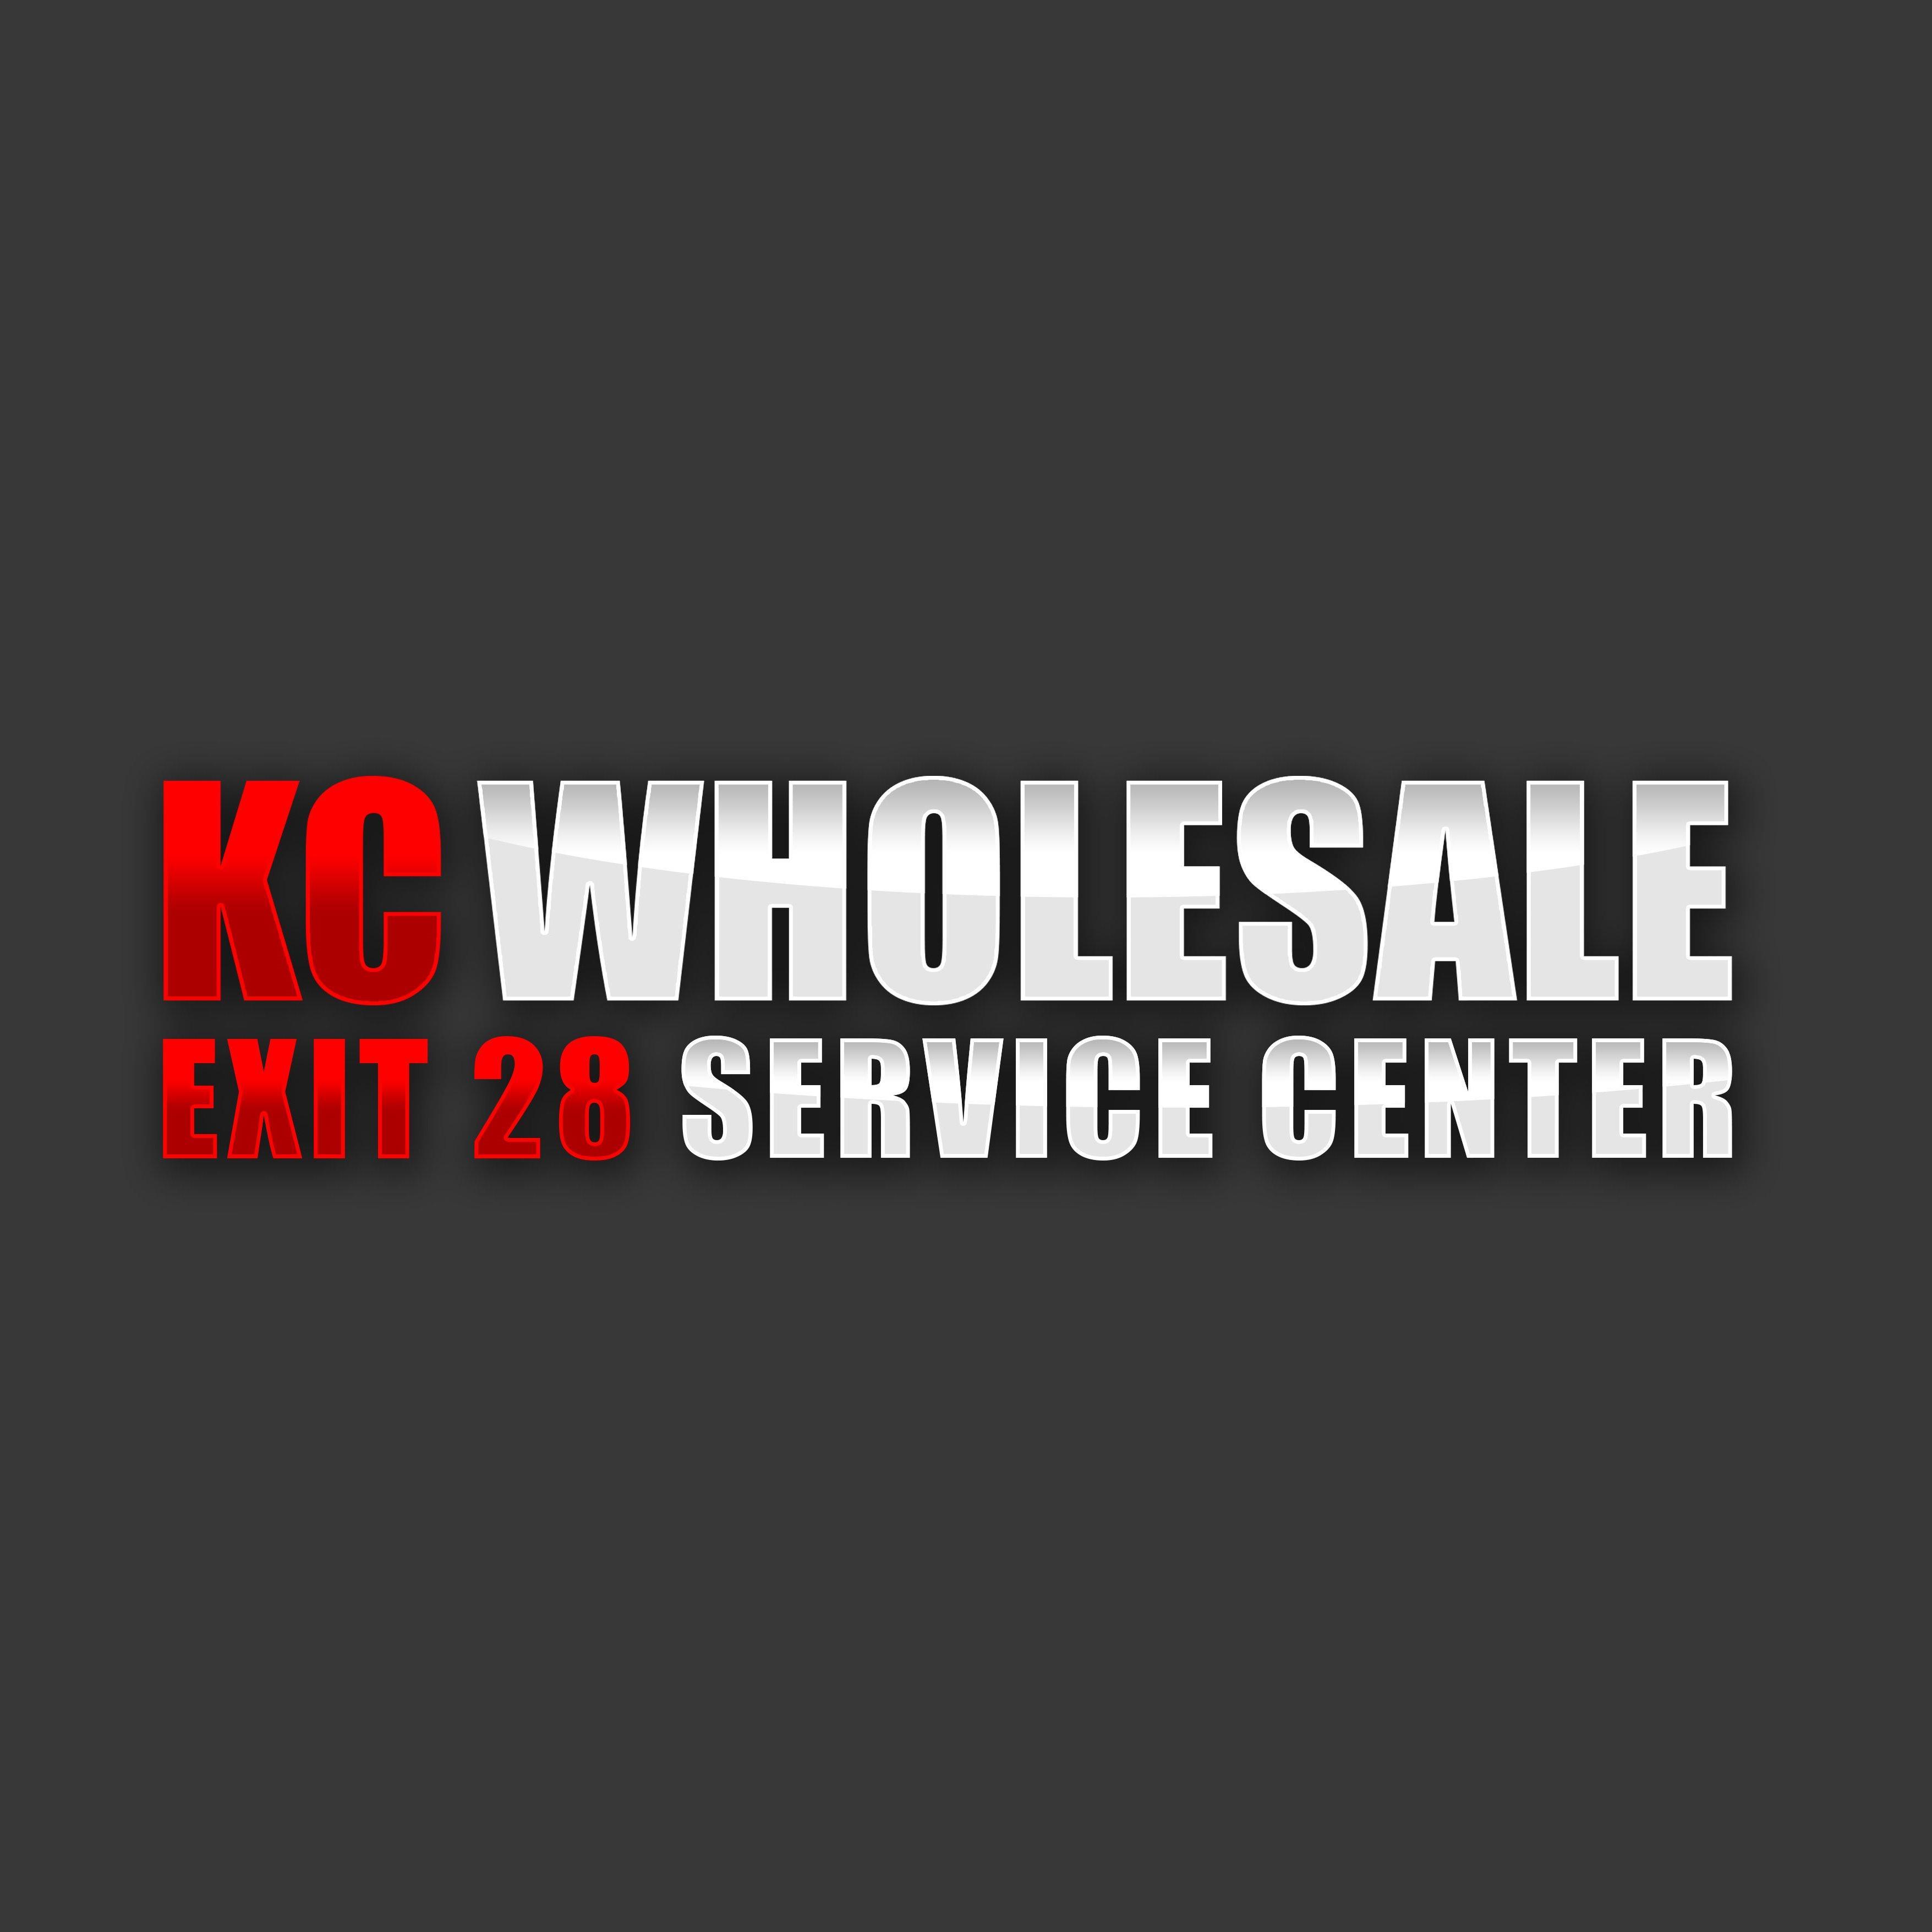 KC Wholesale - Exit 28 Service Center